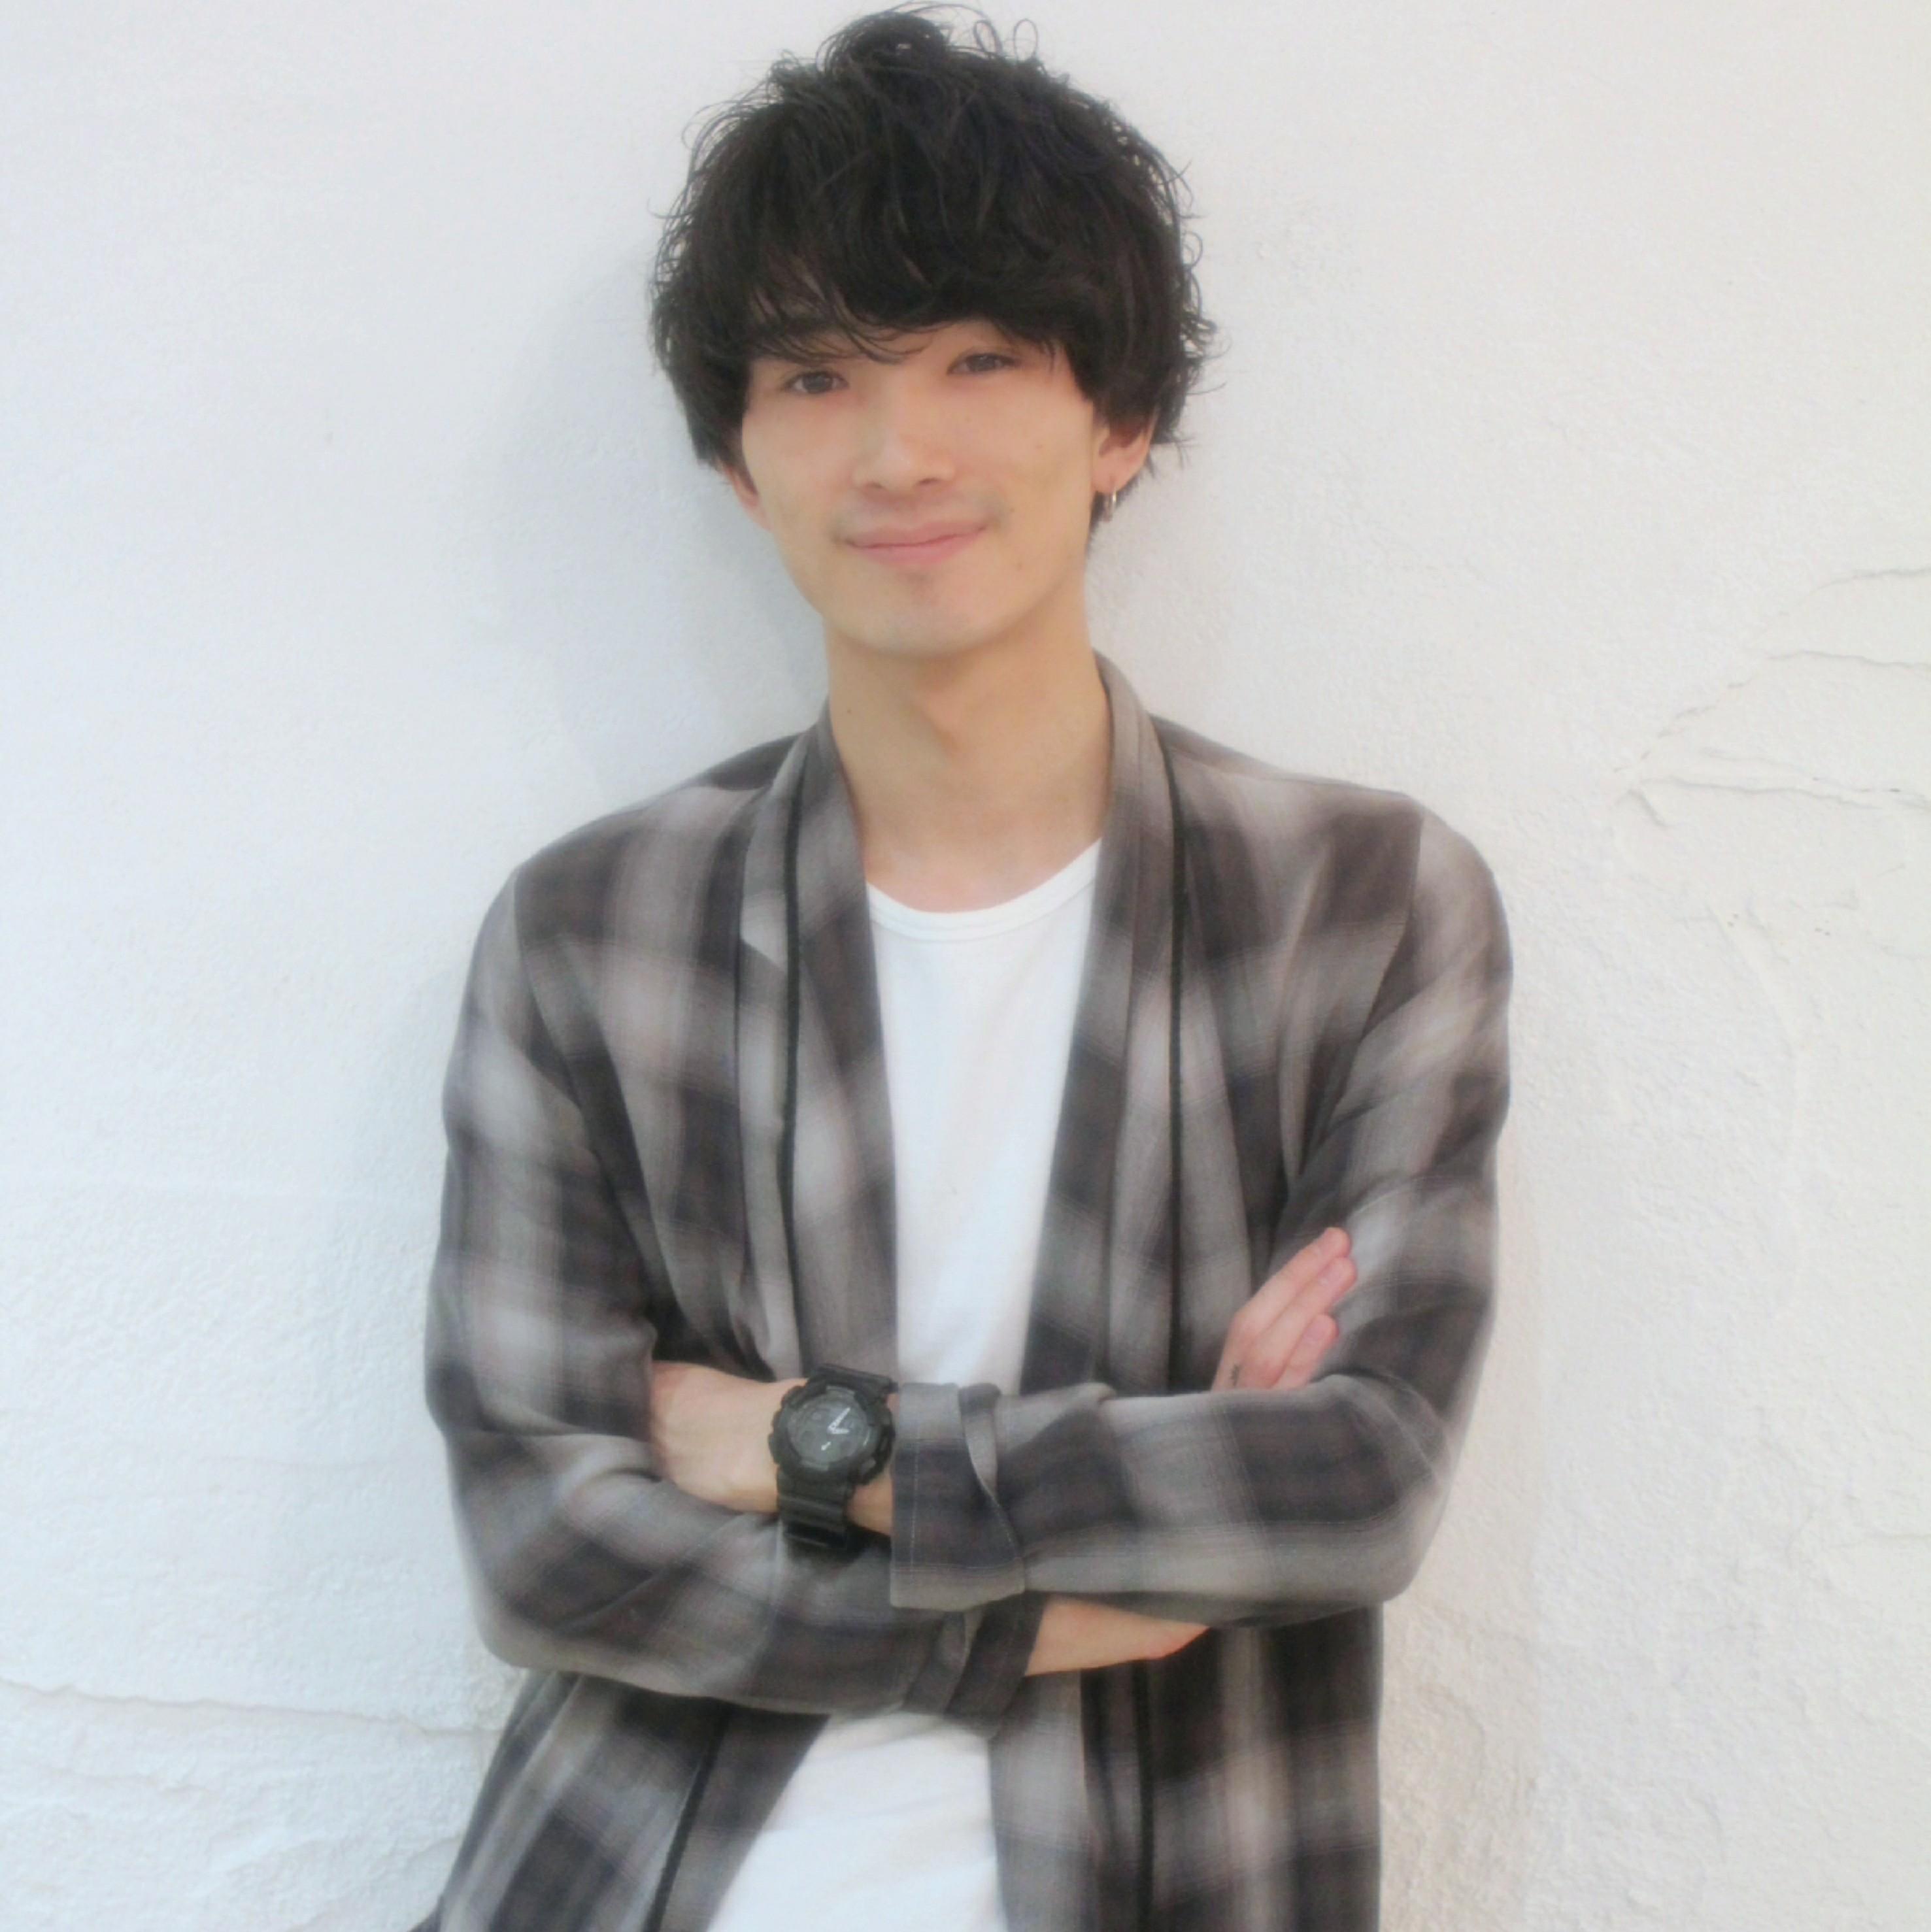 Ryo Tsuda